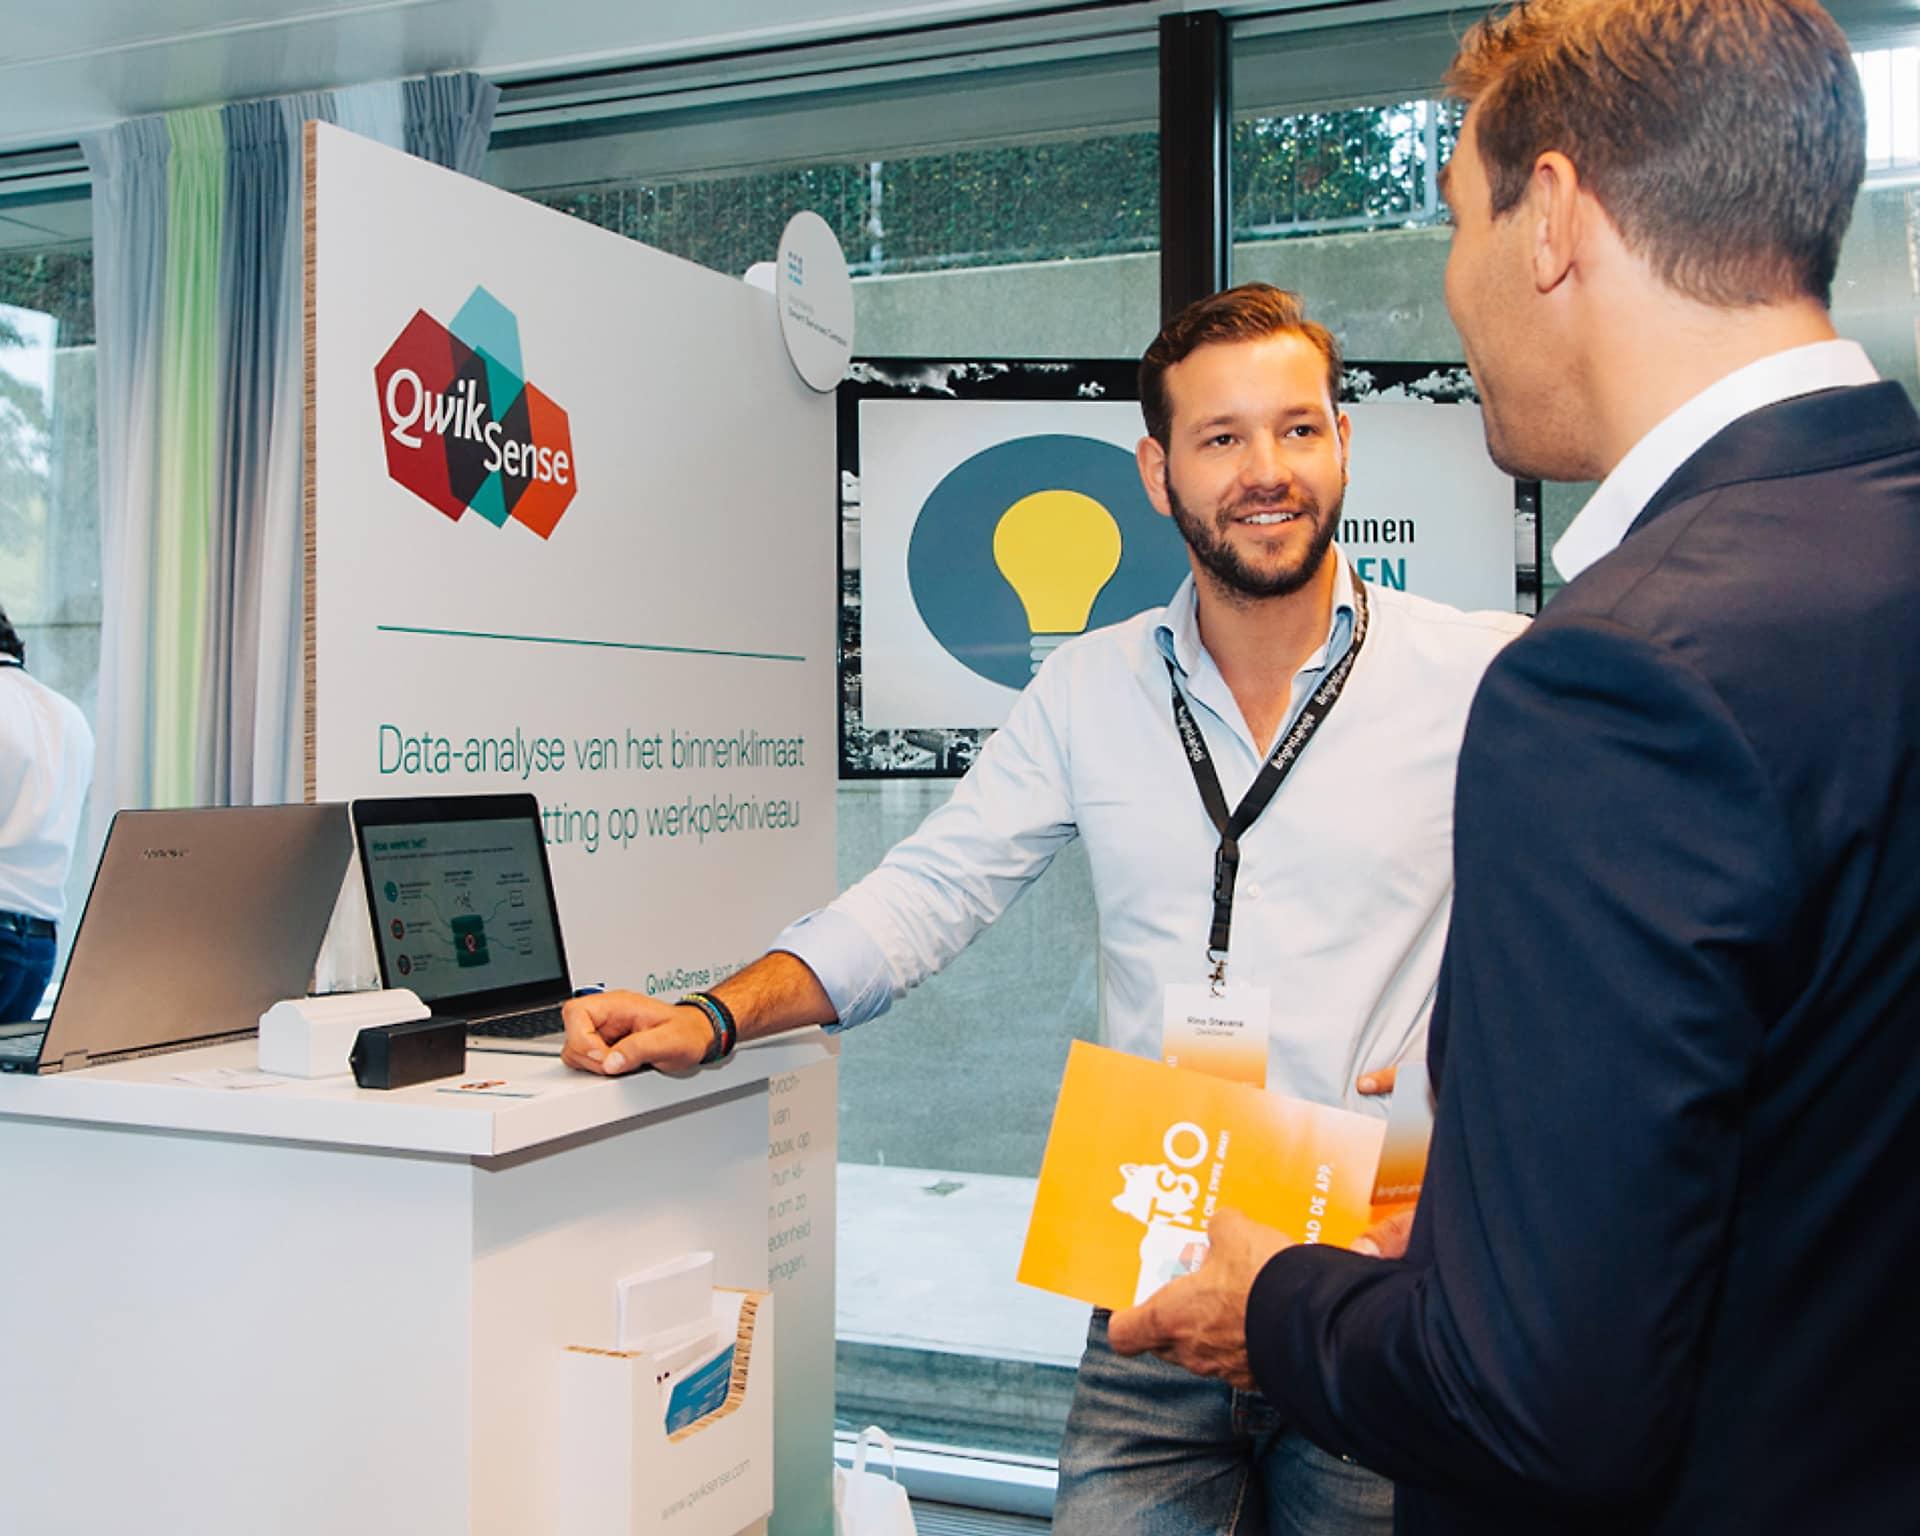 Innofair op de opening van de nieuwe Brightlands Smart Services Campus in Heerlen